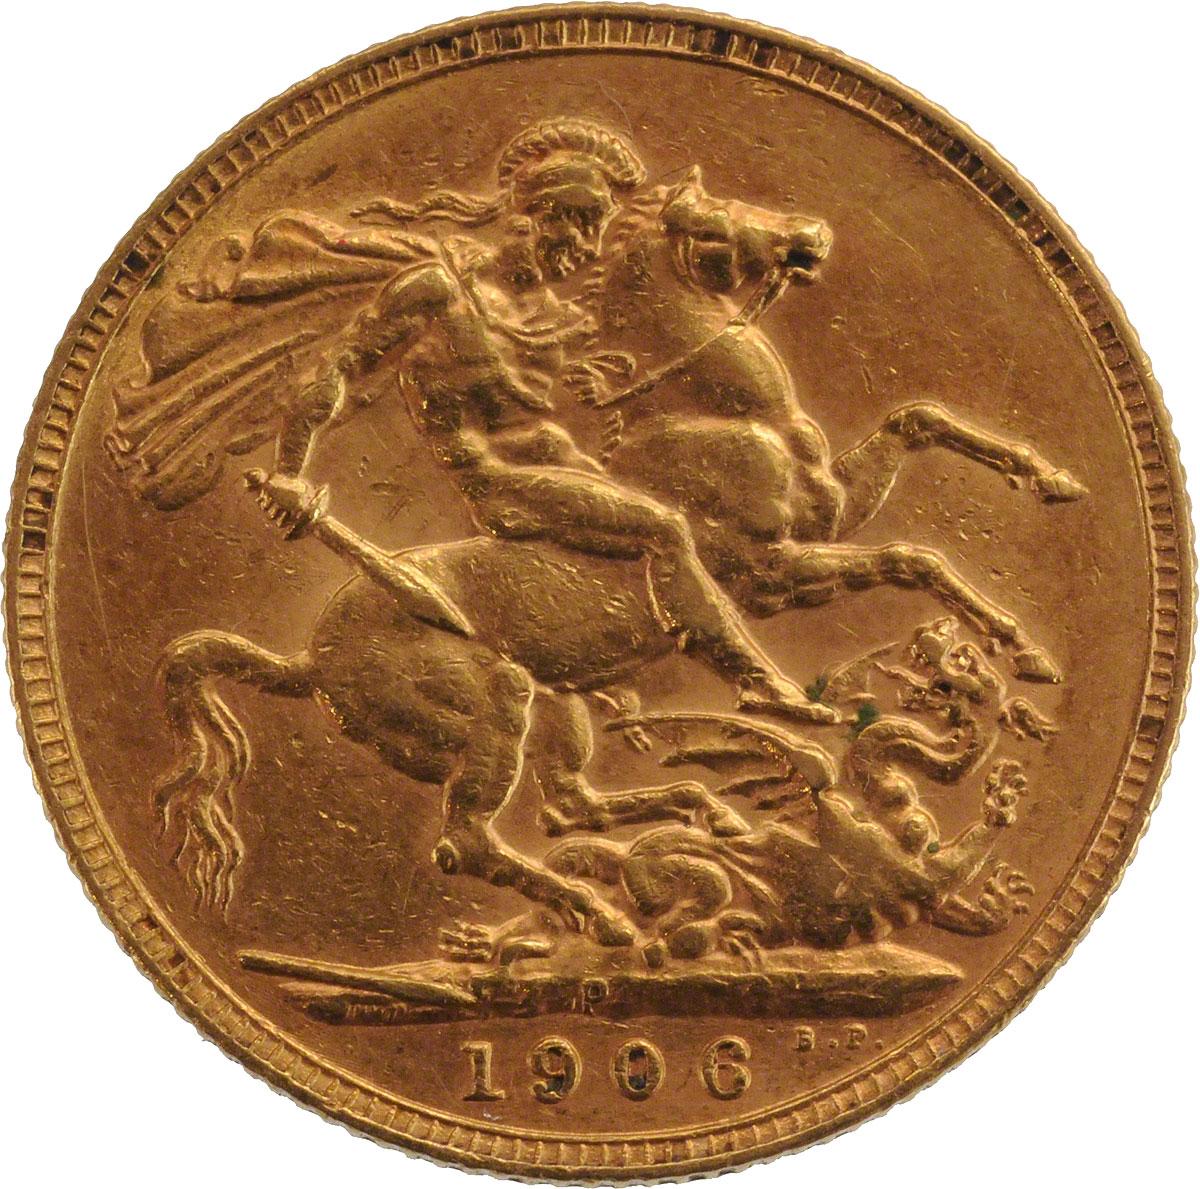 1906 Εδουάρδος Ζ' (Νομισματοκοπείο Περθ)